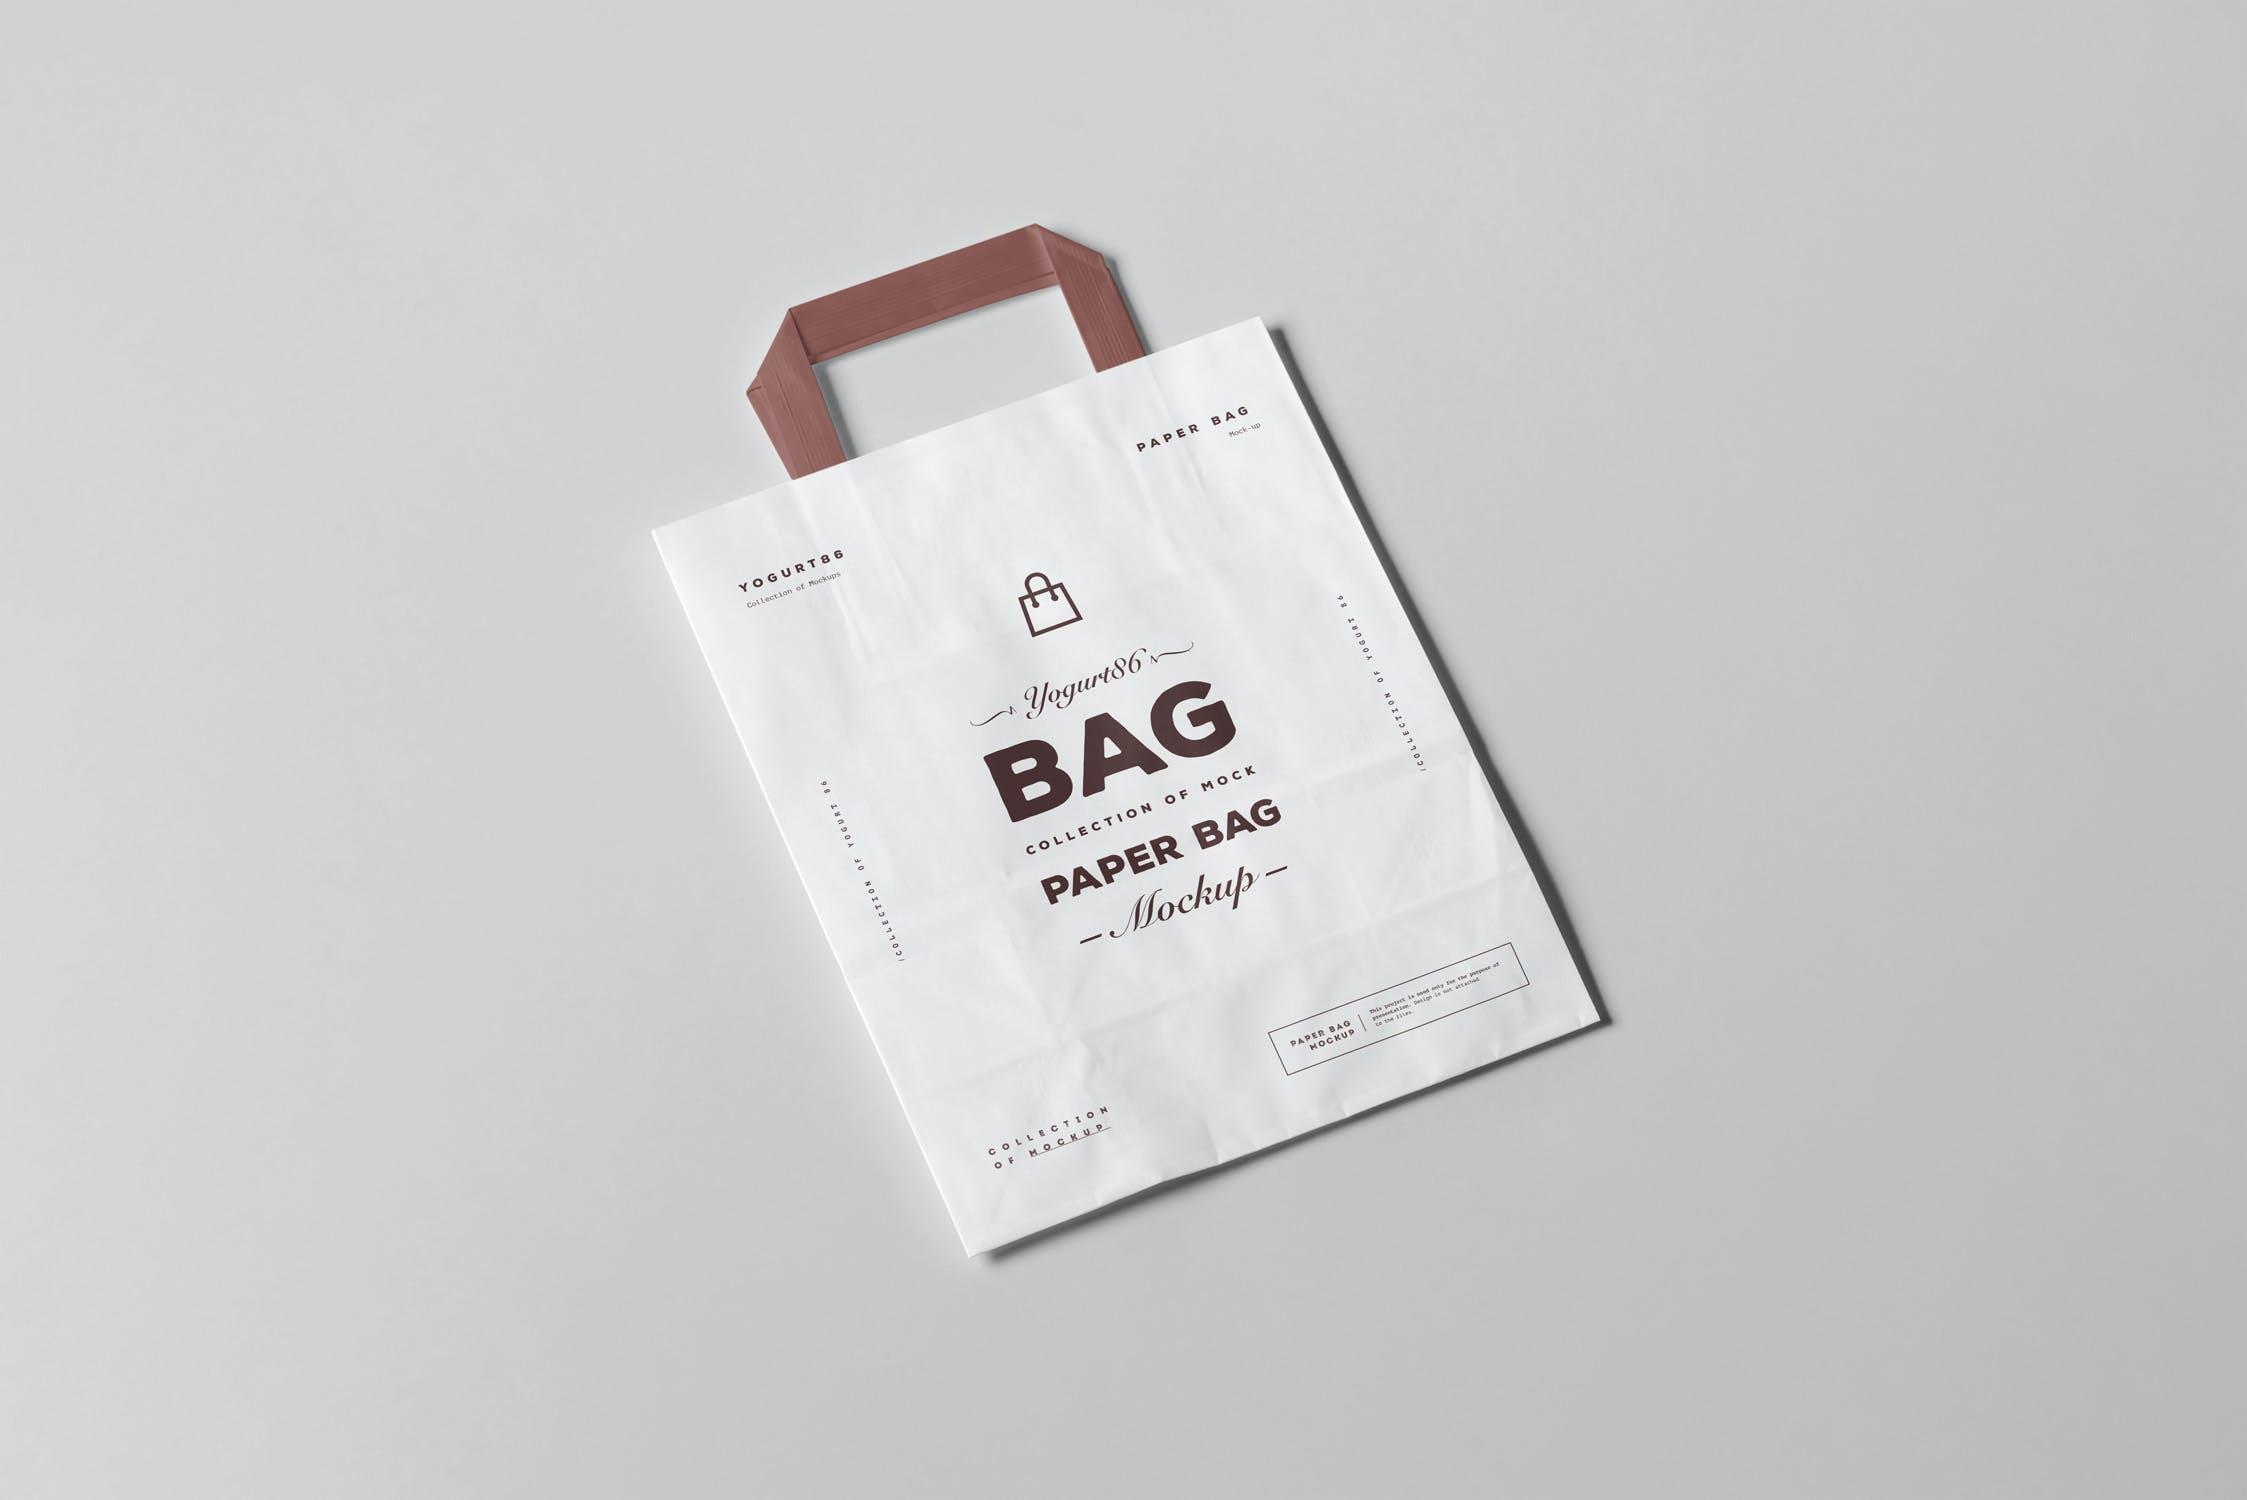 11款商城购物手提纸袋设计展示样机 Paper Bag Mockup 3插图(6)